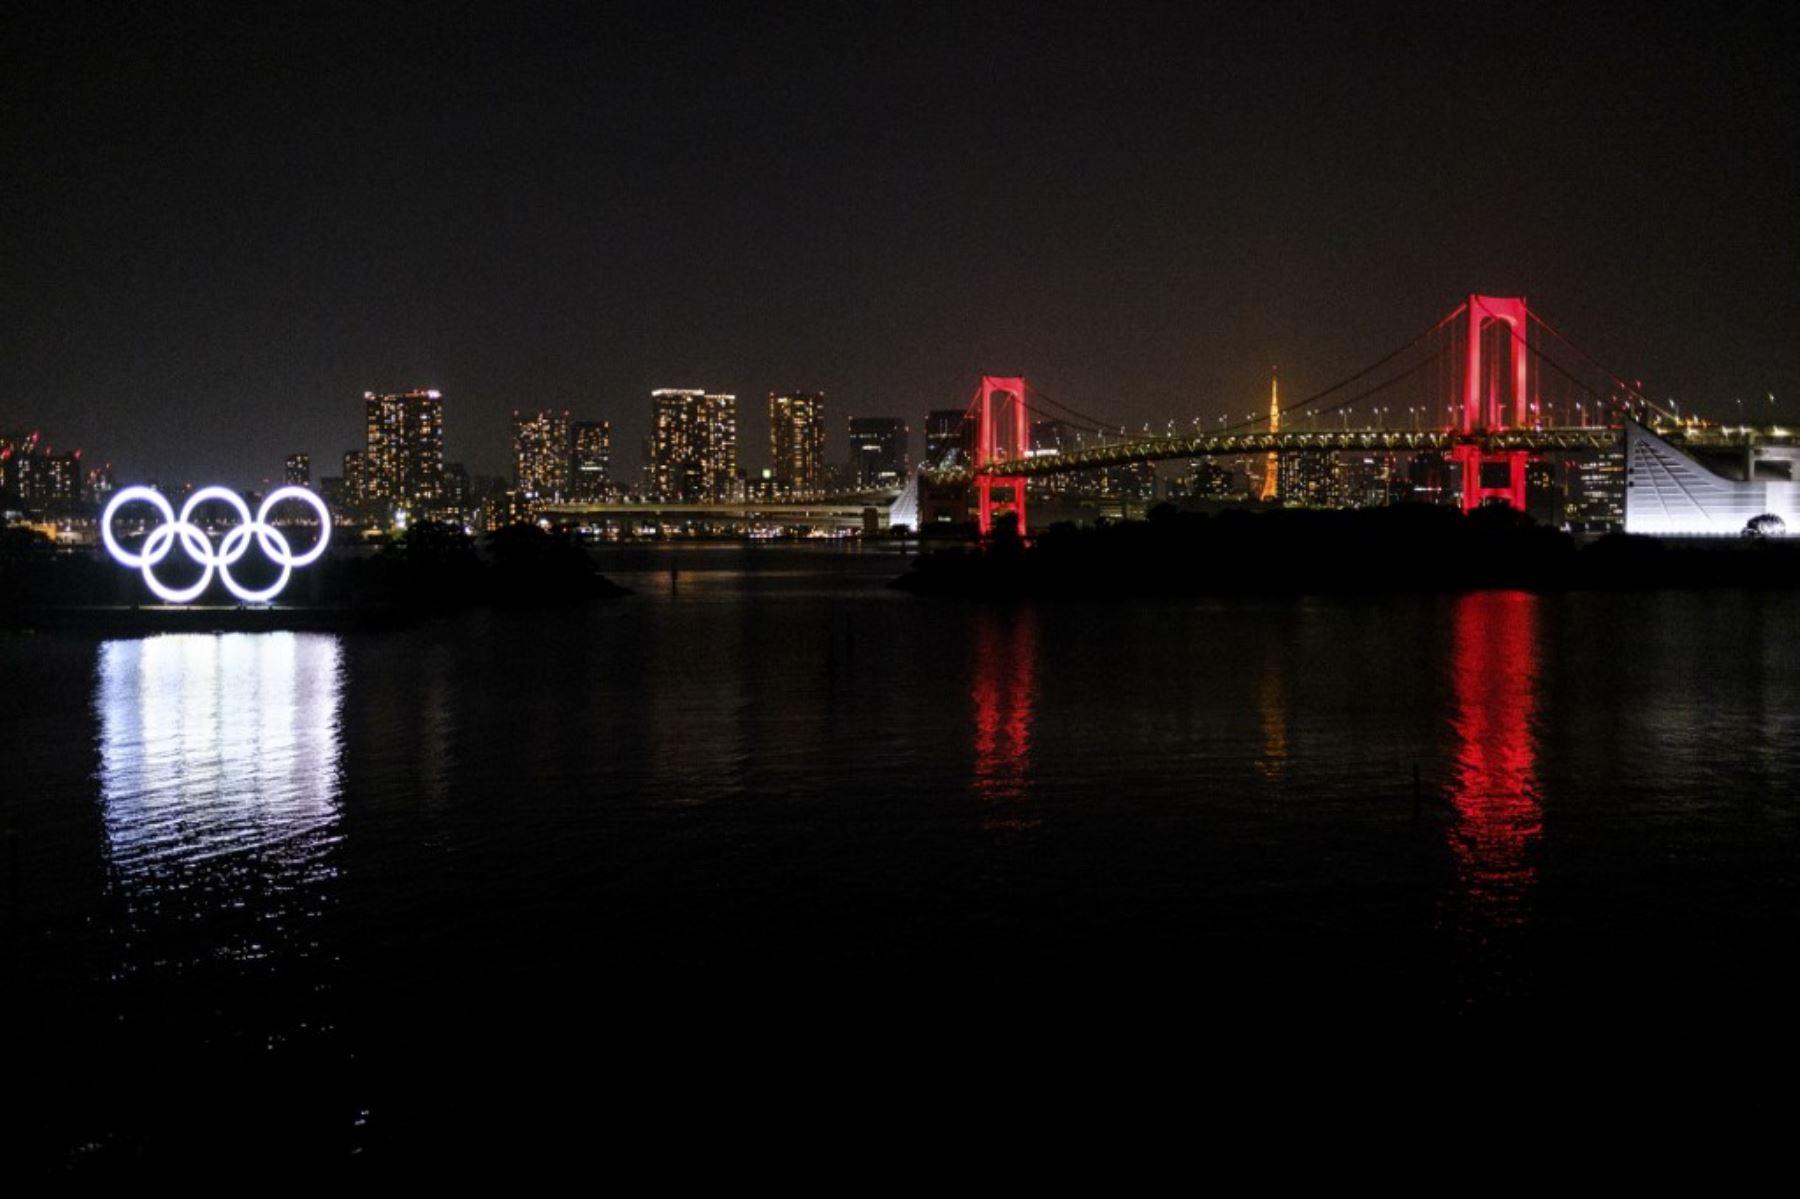 Los anillos olímpicos se ven junto con el Puente del Arco Iris iluminado en rojo por la noche, después de que el gobierno de Tokio decidió emitir una alerta debido a un aumento en los casos de coronavirus COVID-19 en Tokio. Foto: AFP